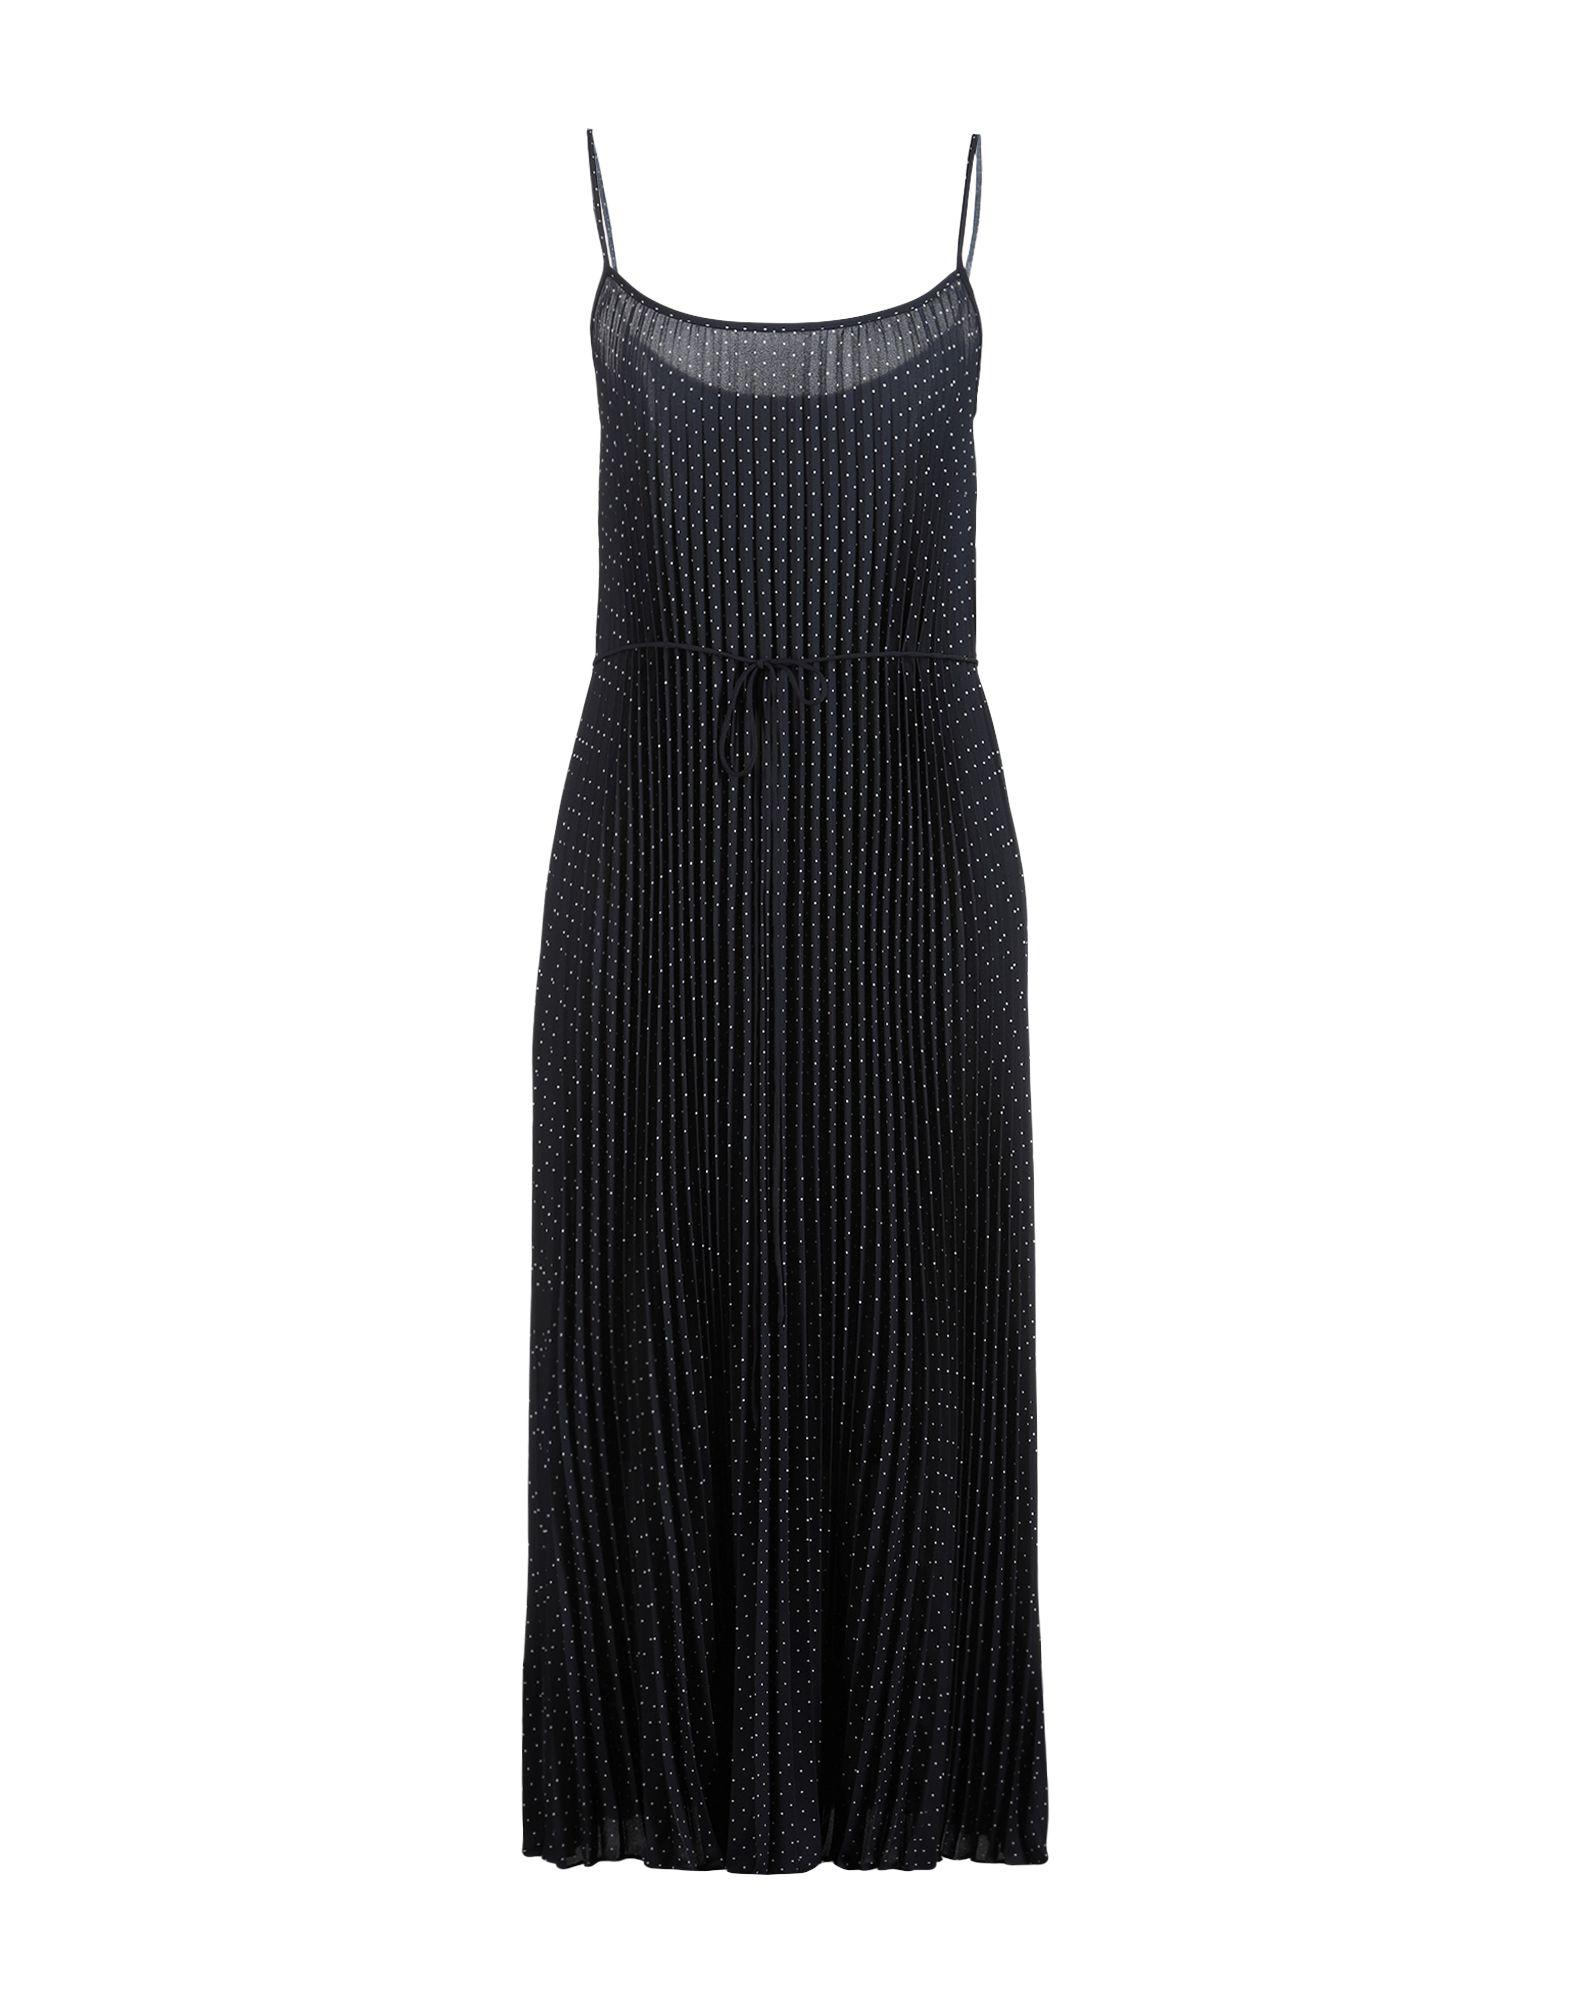 VINCE. Платье длиной 3/4 платье 3 в 1